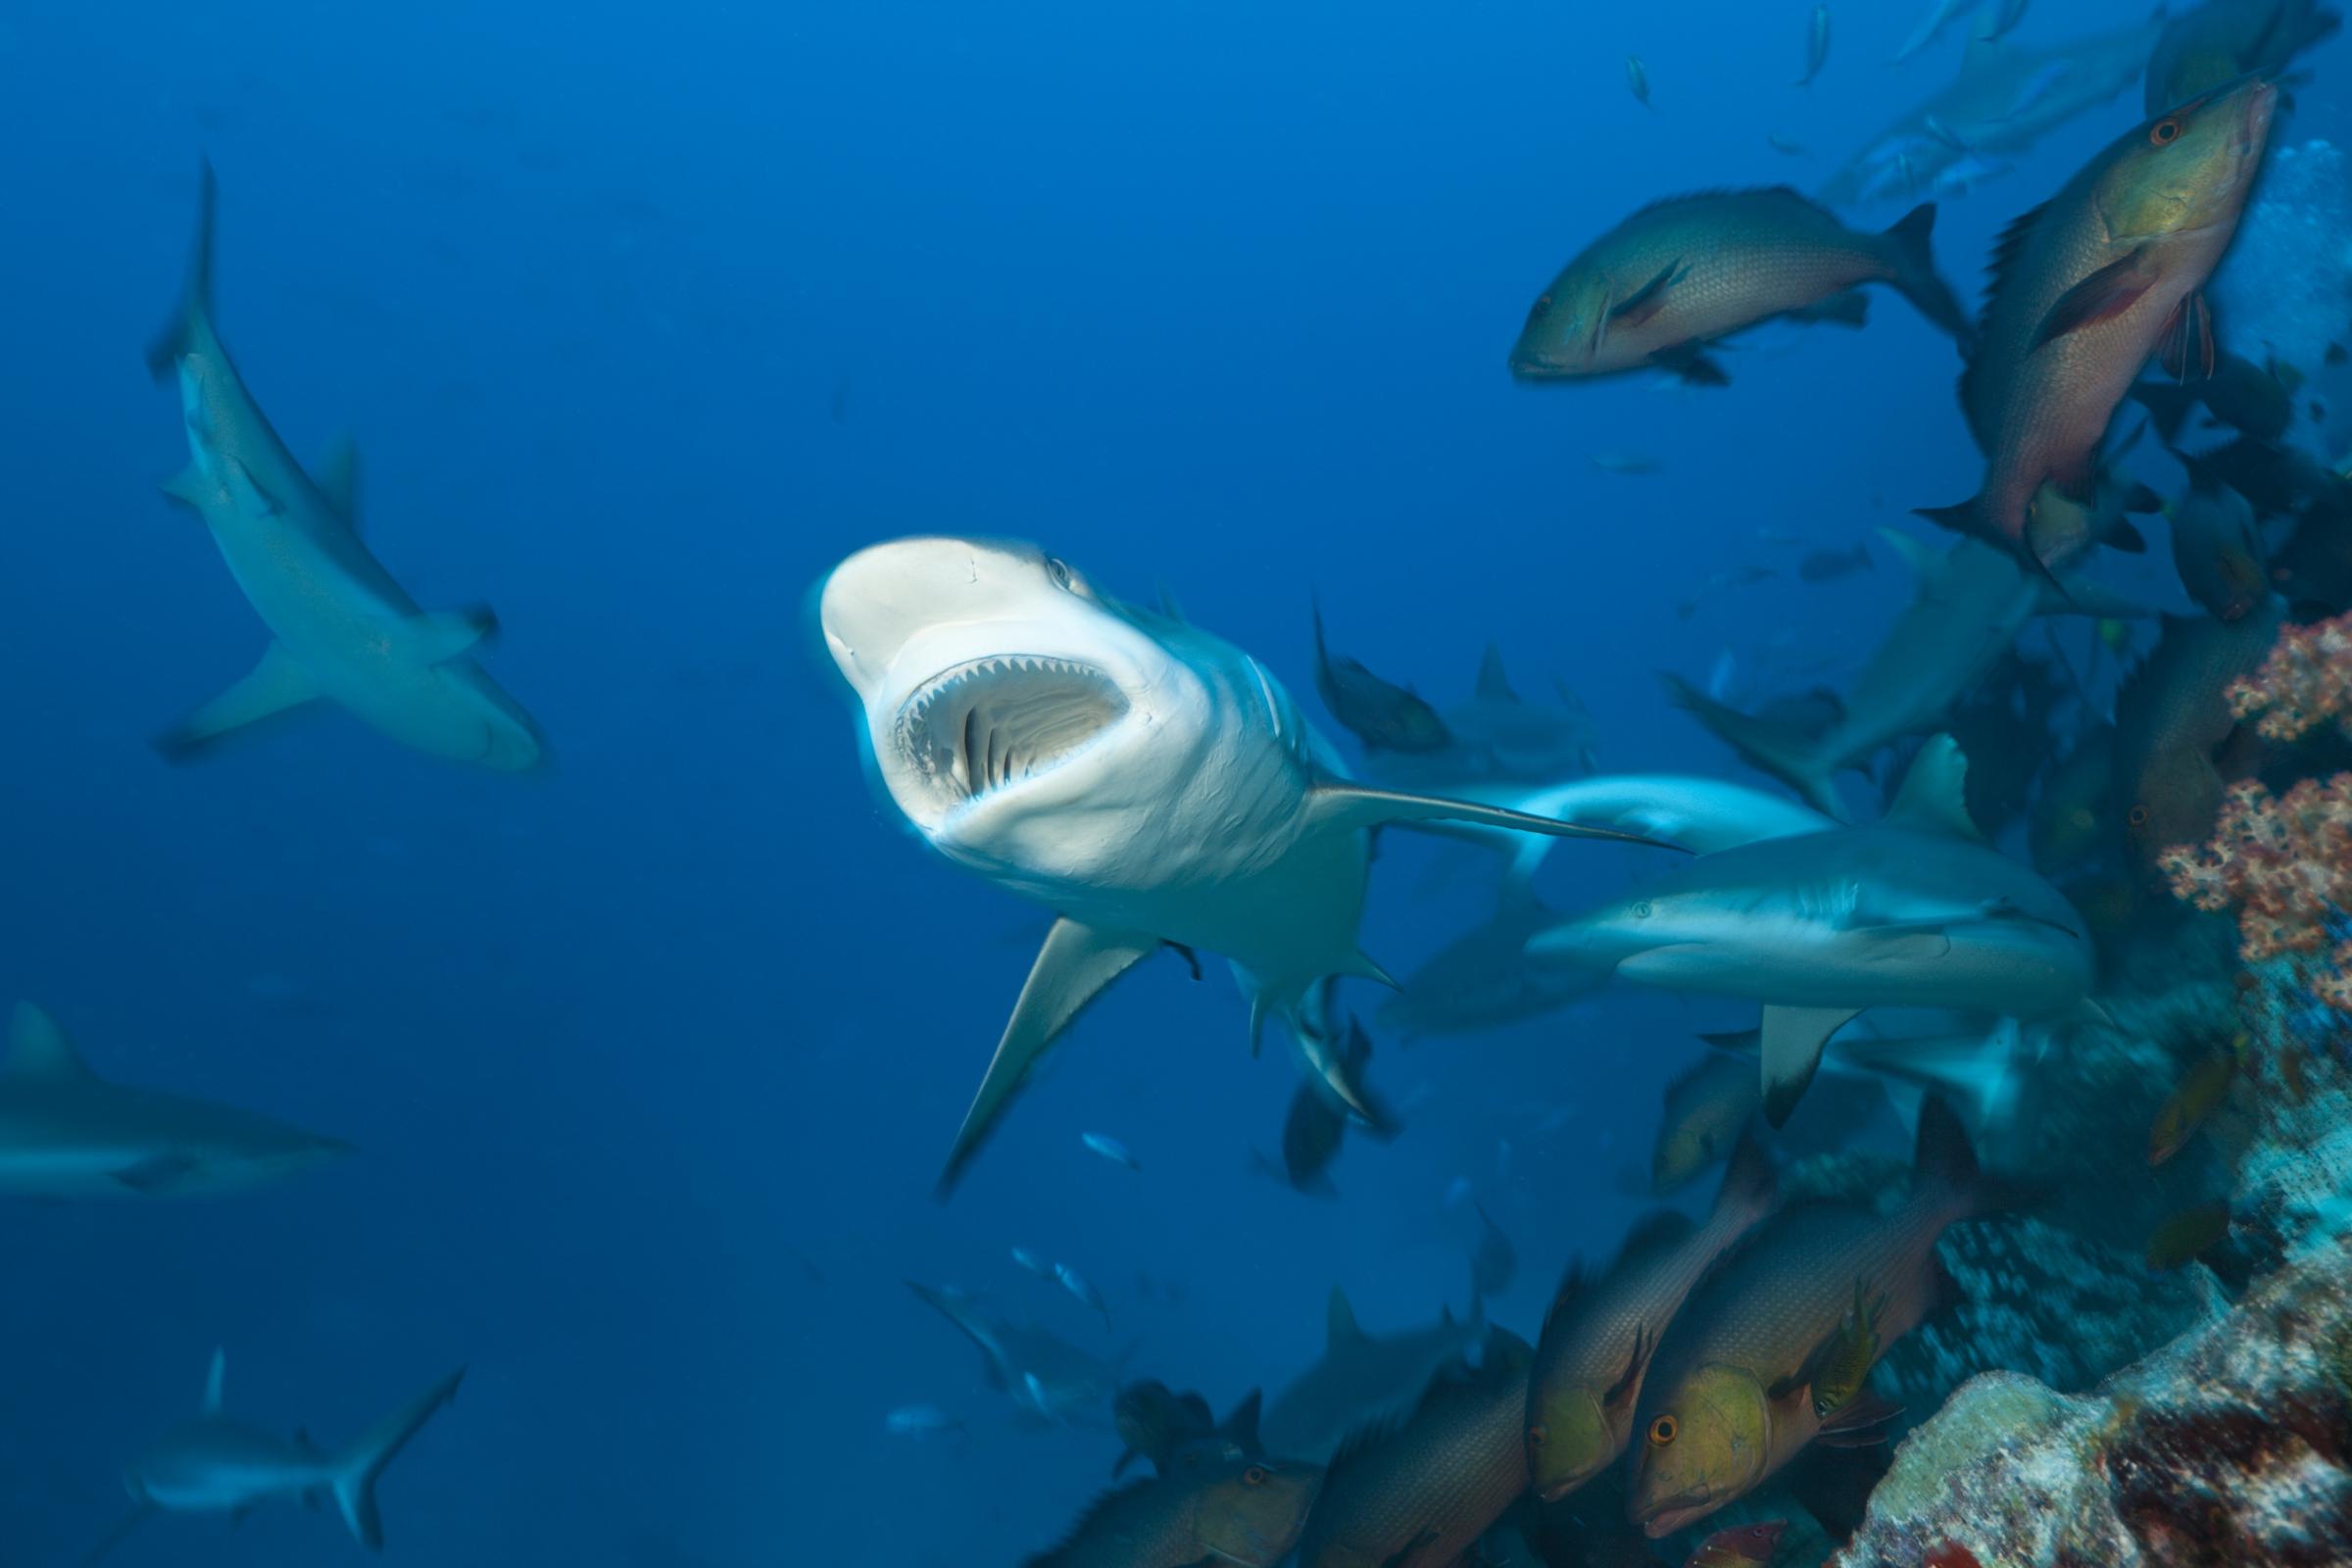 כרישי שונית אפורים, spl